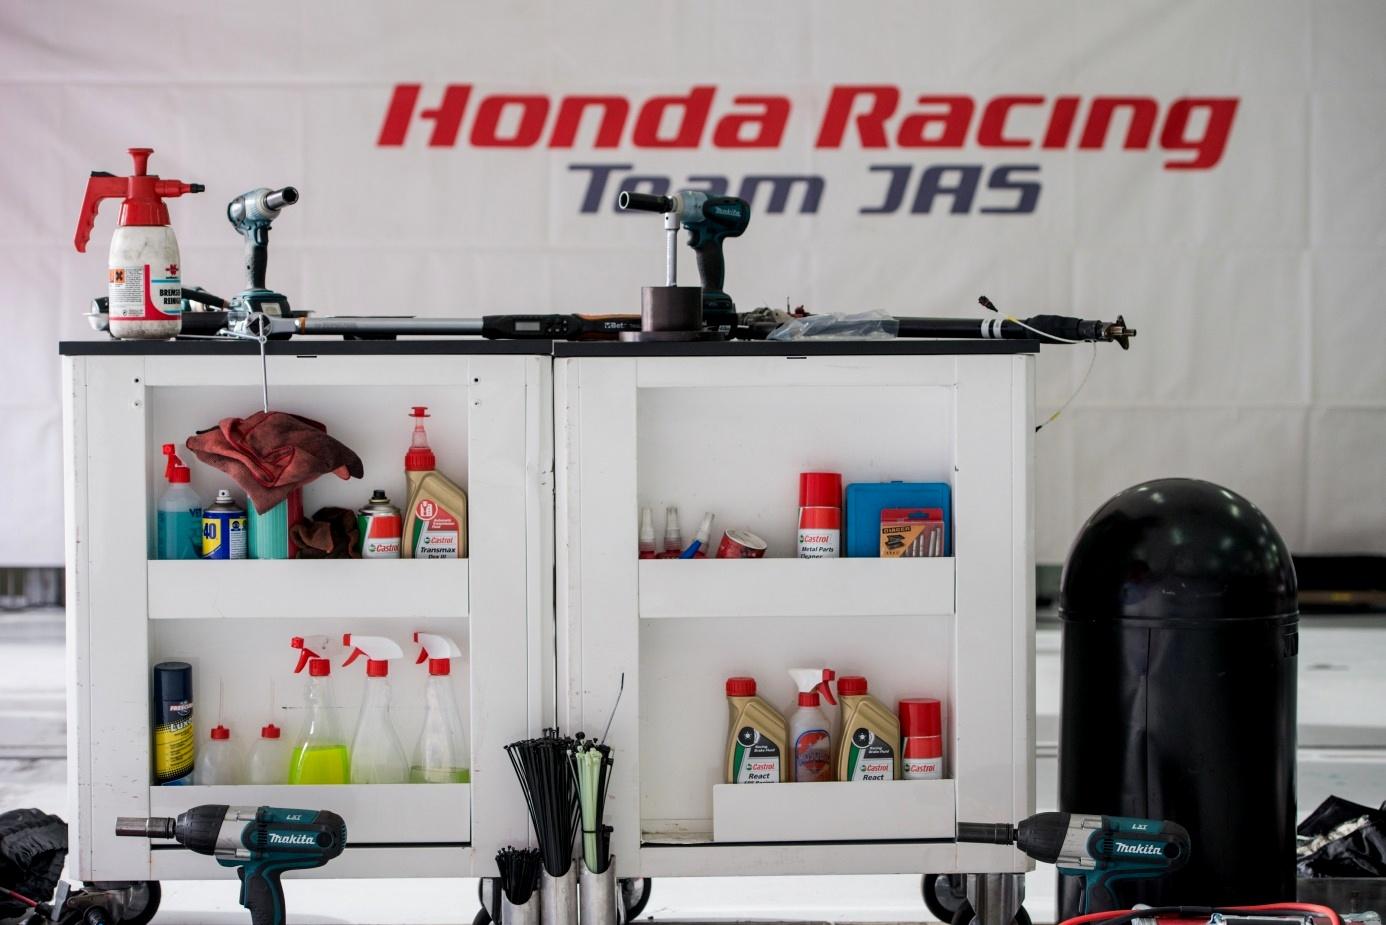 Szeroka gama produktów Castrol w wózkach serwisowych Honda Racing